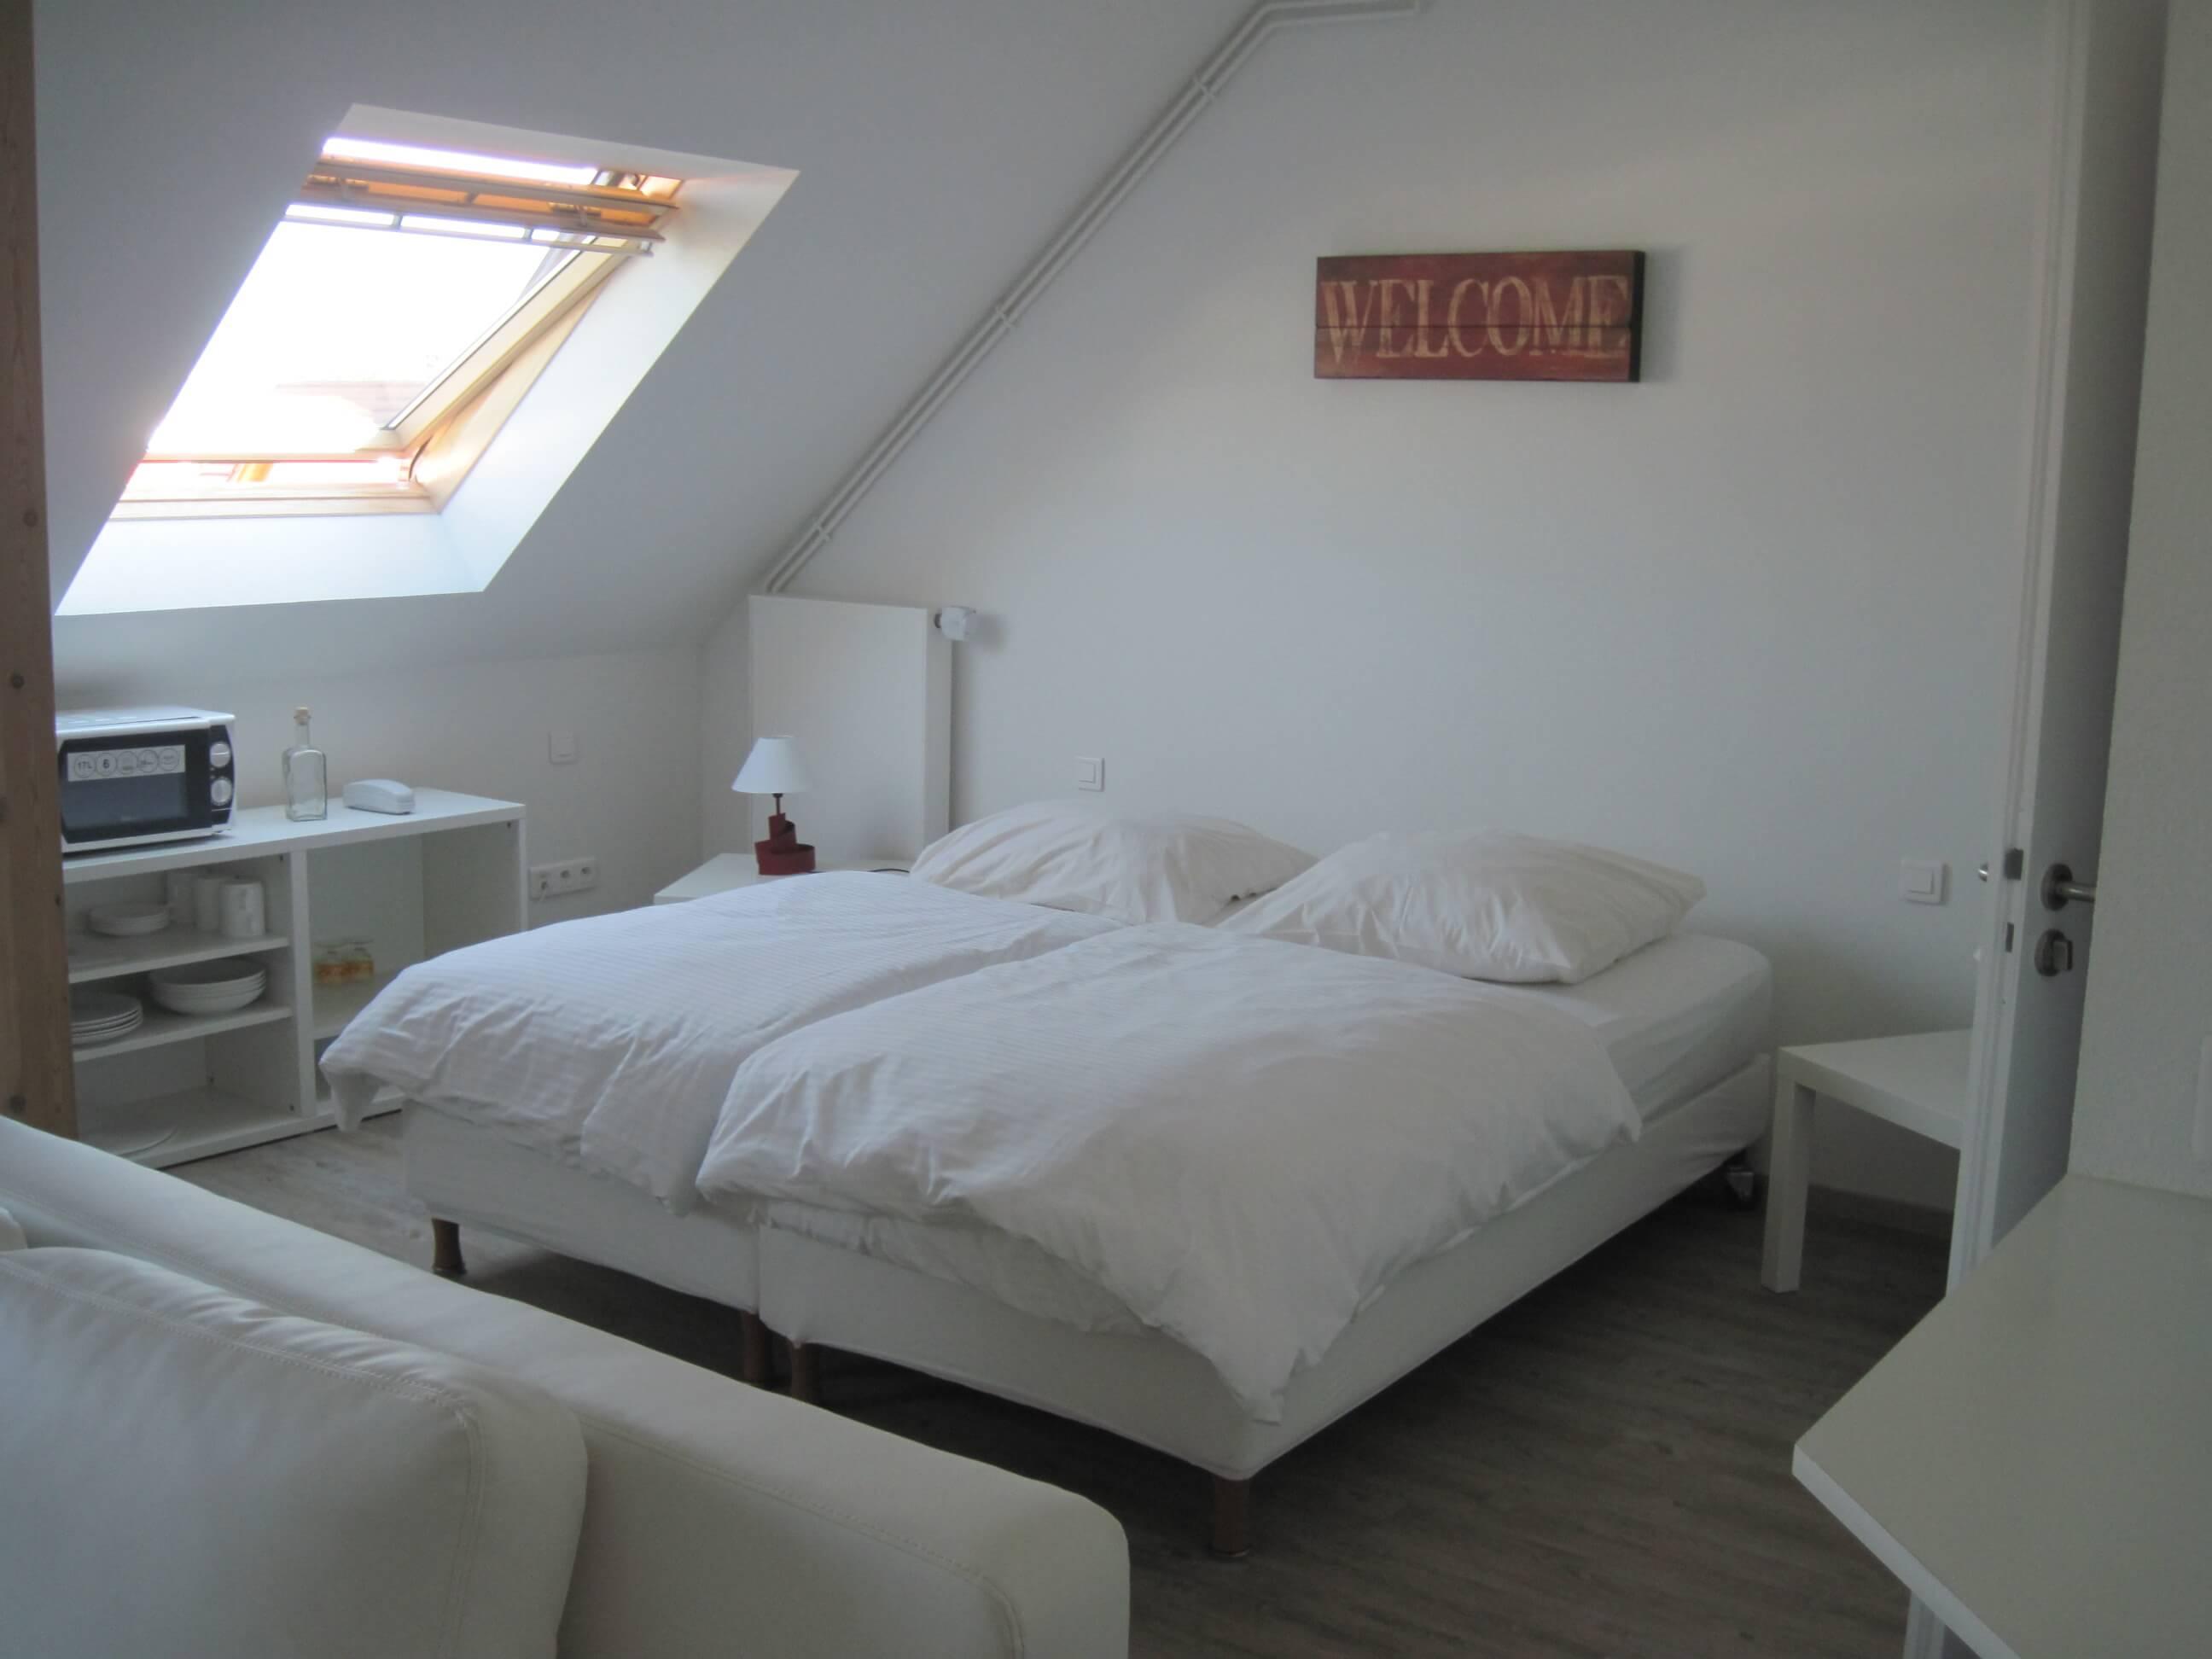 h tel des bois seltz france 36 route de hatten. Black Bedroom Furniture Sets. Home Design Ideas